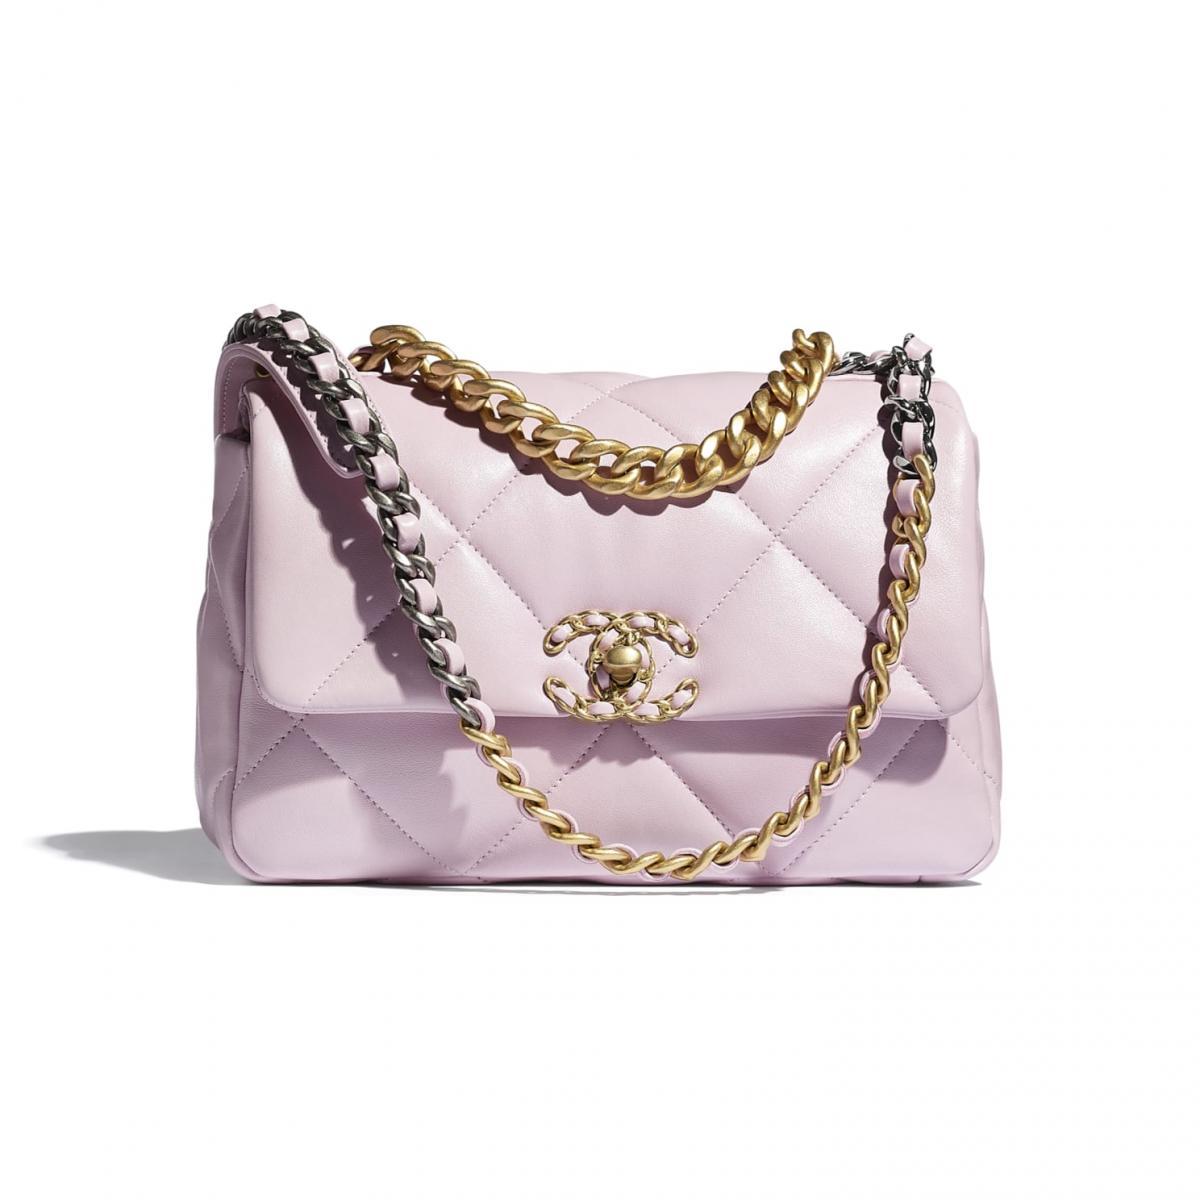 2021年Chanel春夏包包「寶寶粉」推薦這8款!水桶包、圓餅包 、零錢包 .....19口蓋包有錢不一定買的到-1